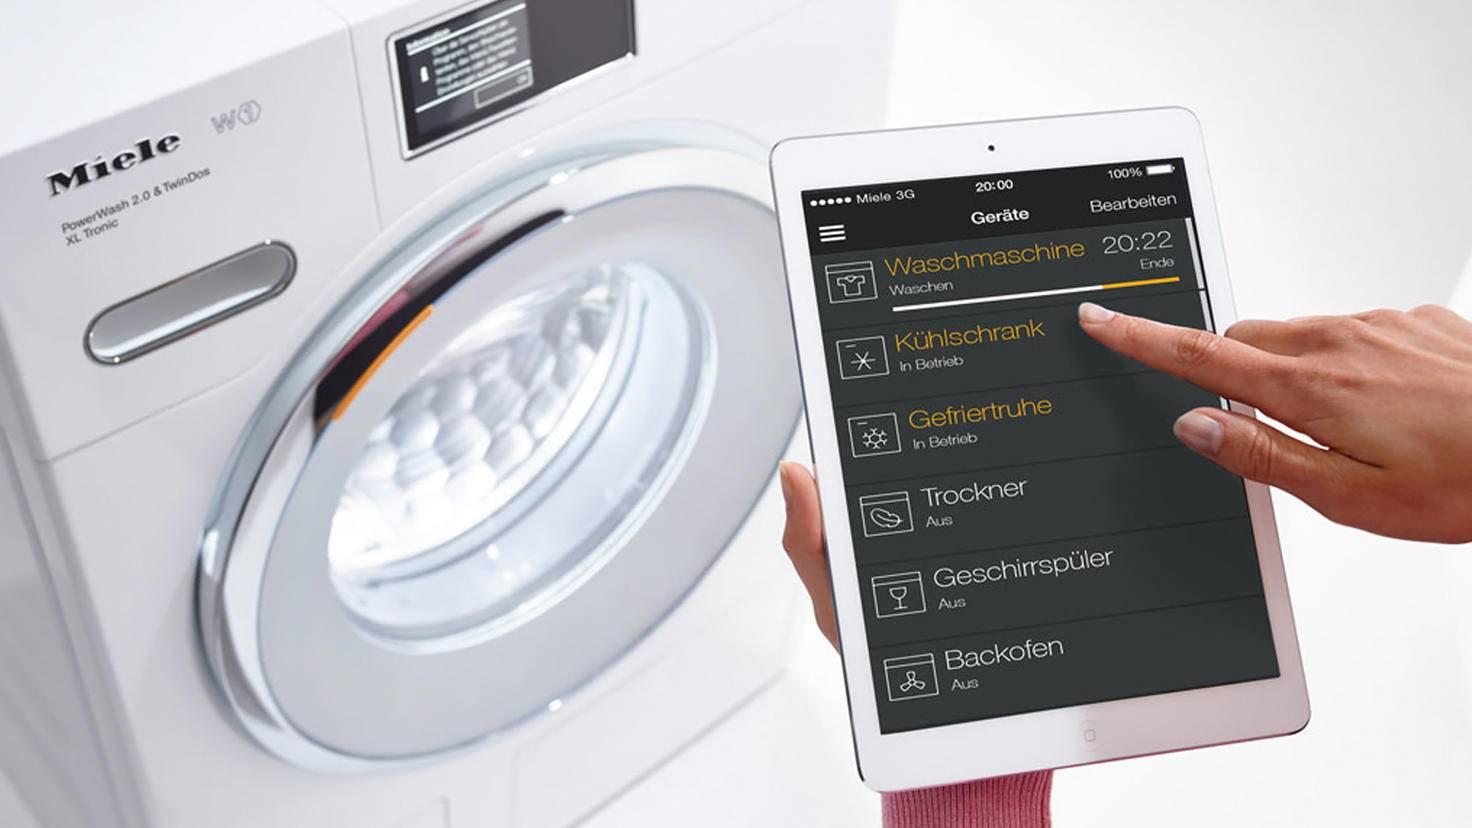 Ziemlich cool: Haushaltsgeräte der Firma Miele lassen sich per Tablet steuern.